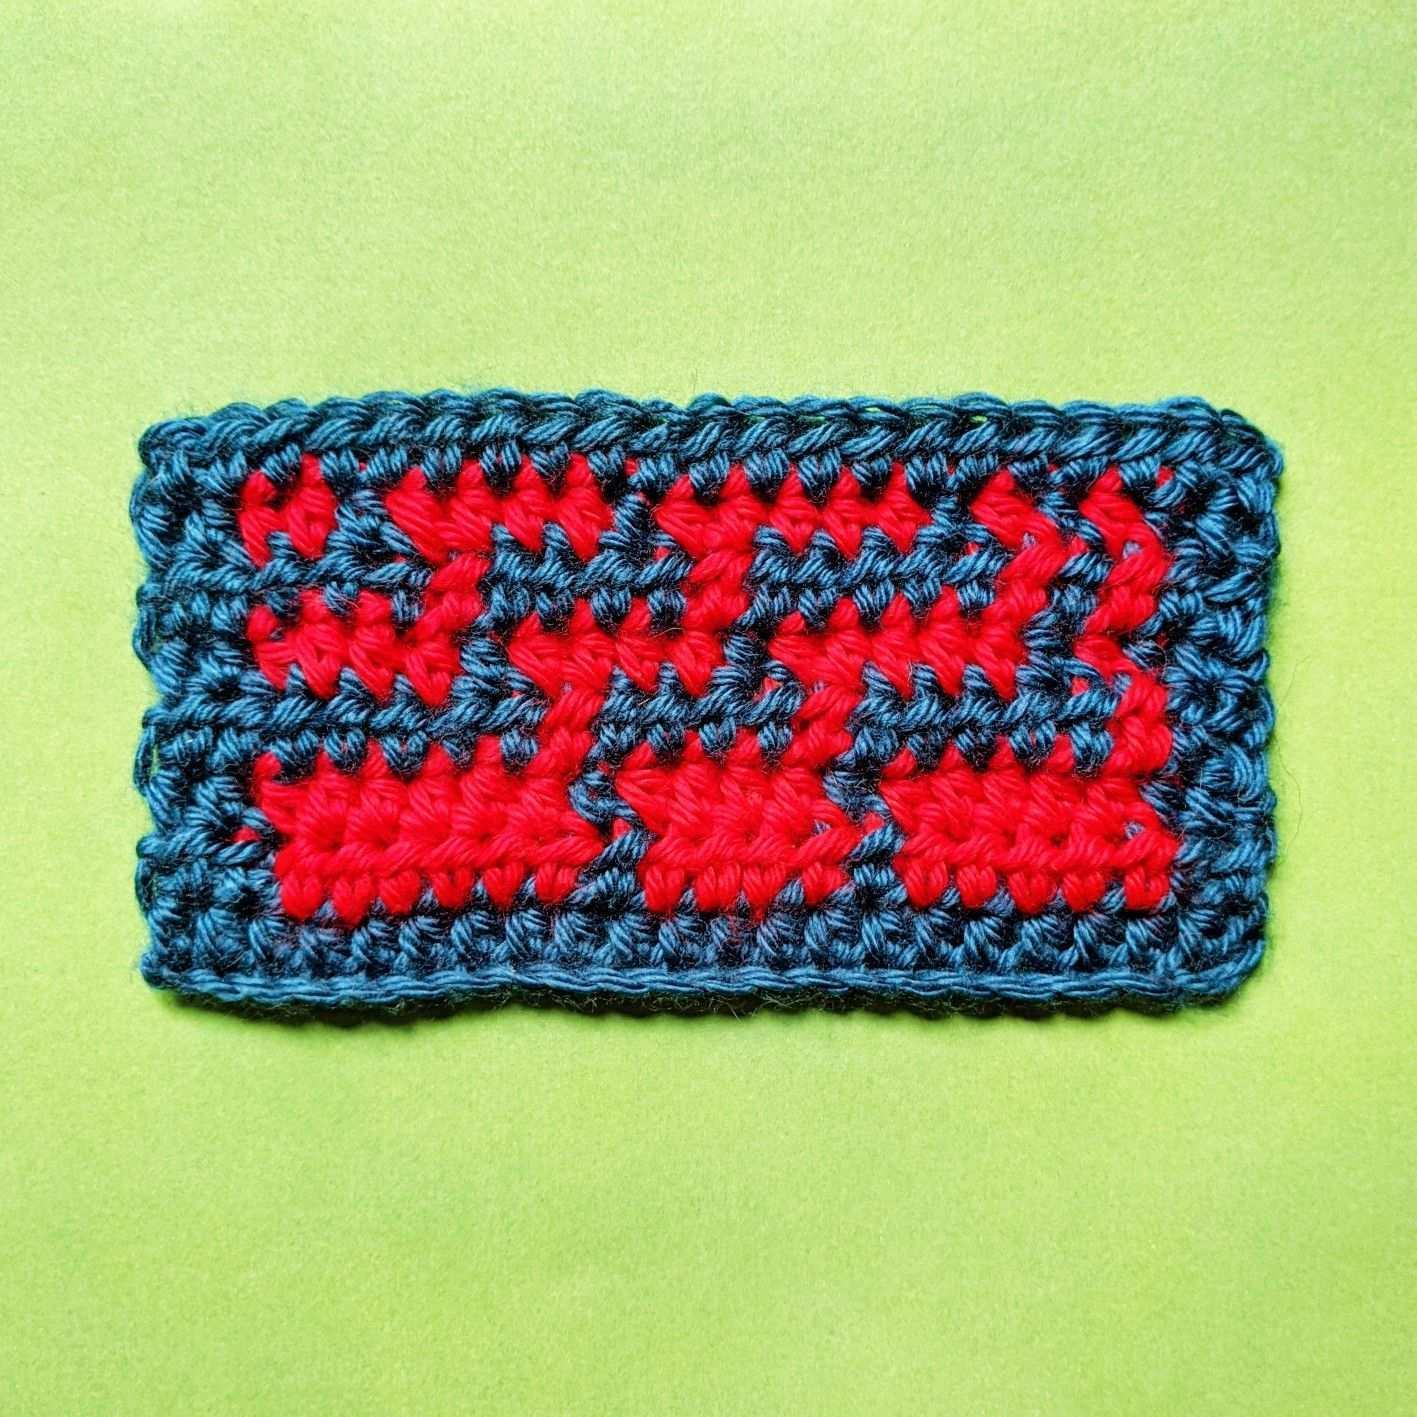 Tapestry Crochet Sample In 2020 Tapestry Crochet Caron Simply Soft Crochet